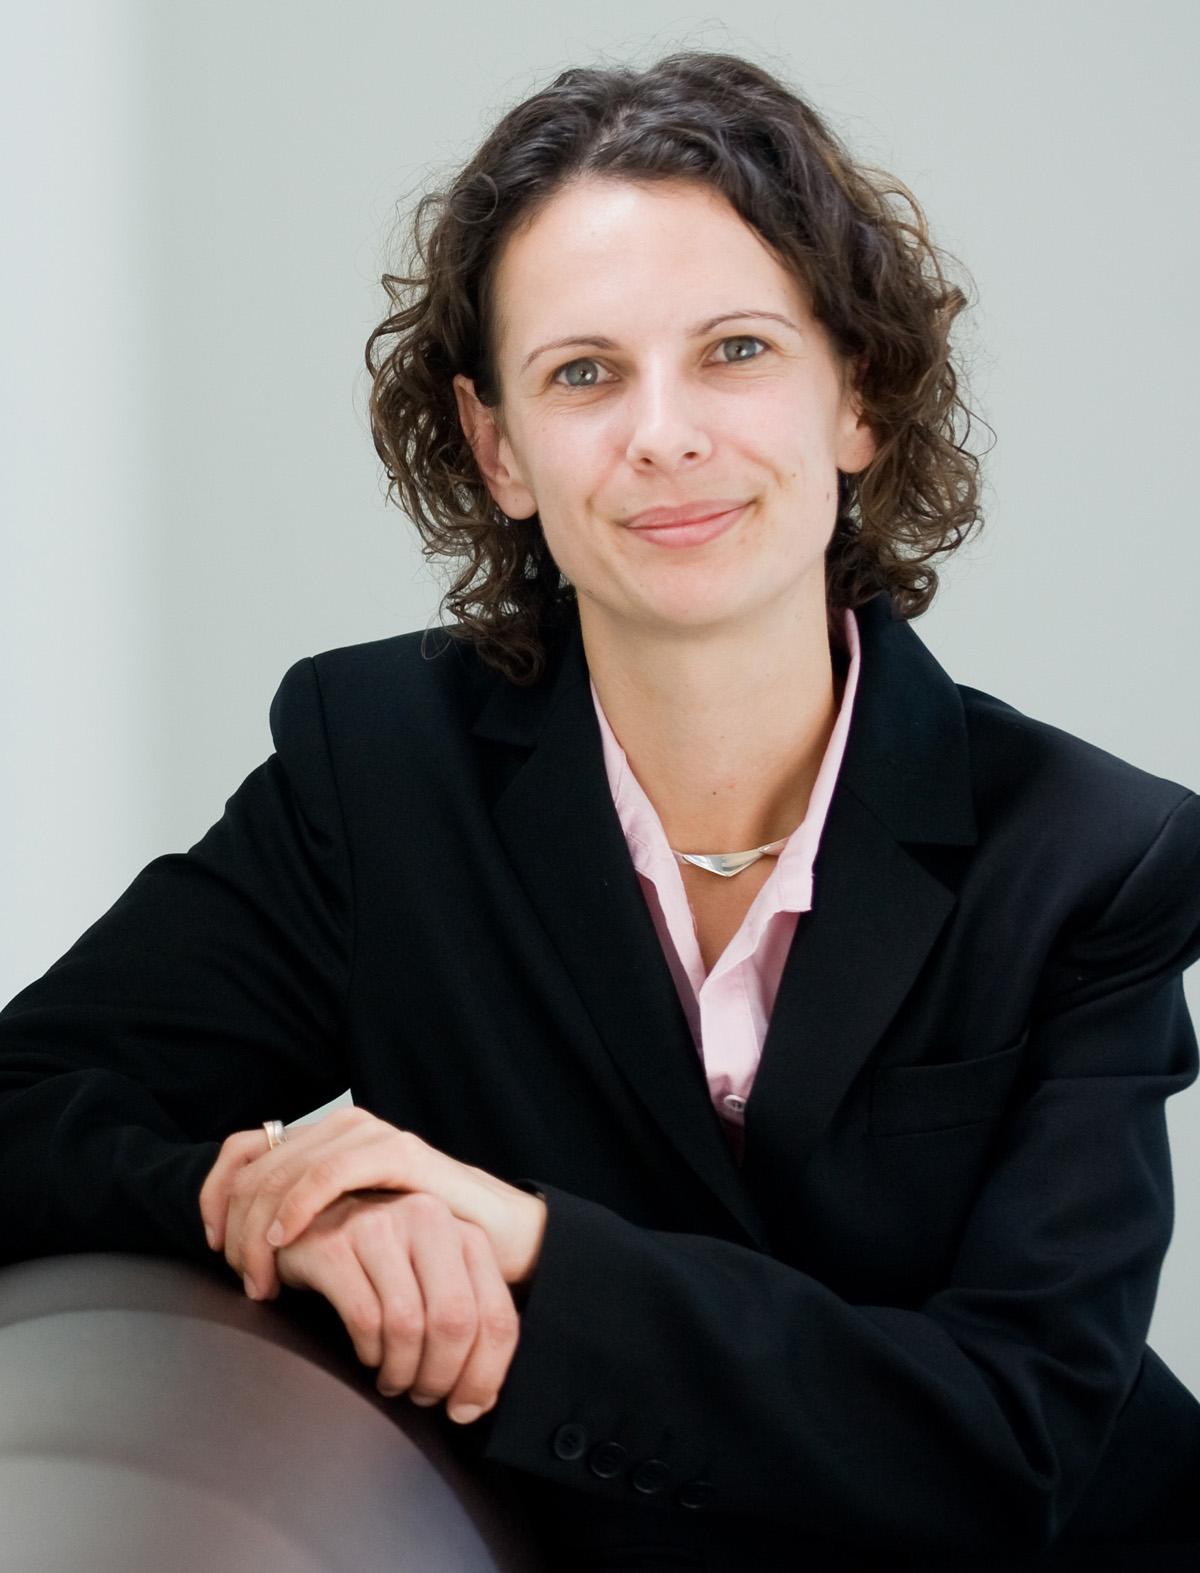 Diana Bowman